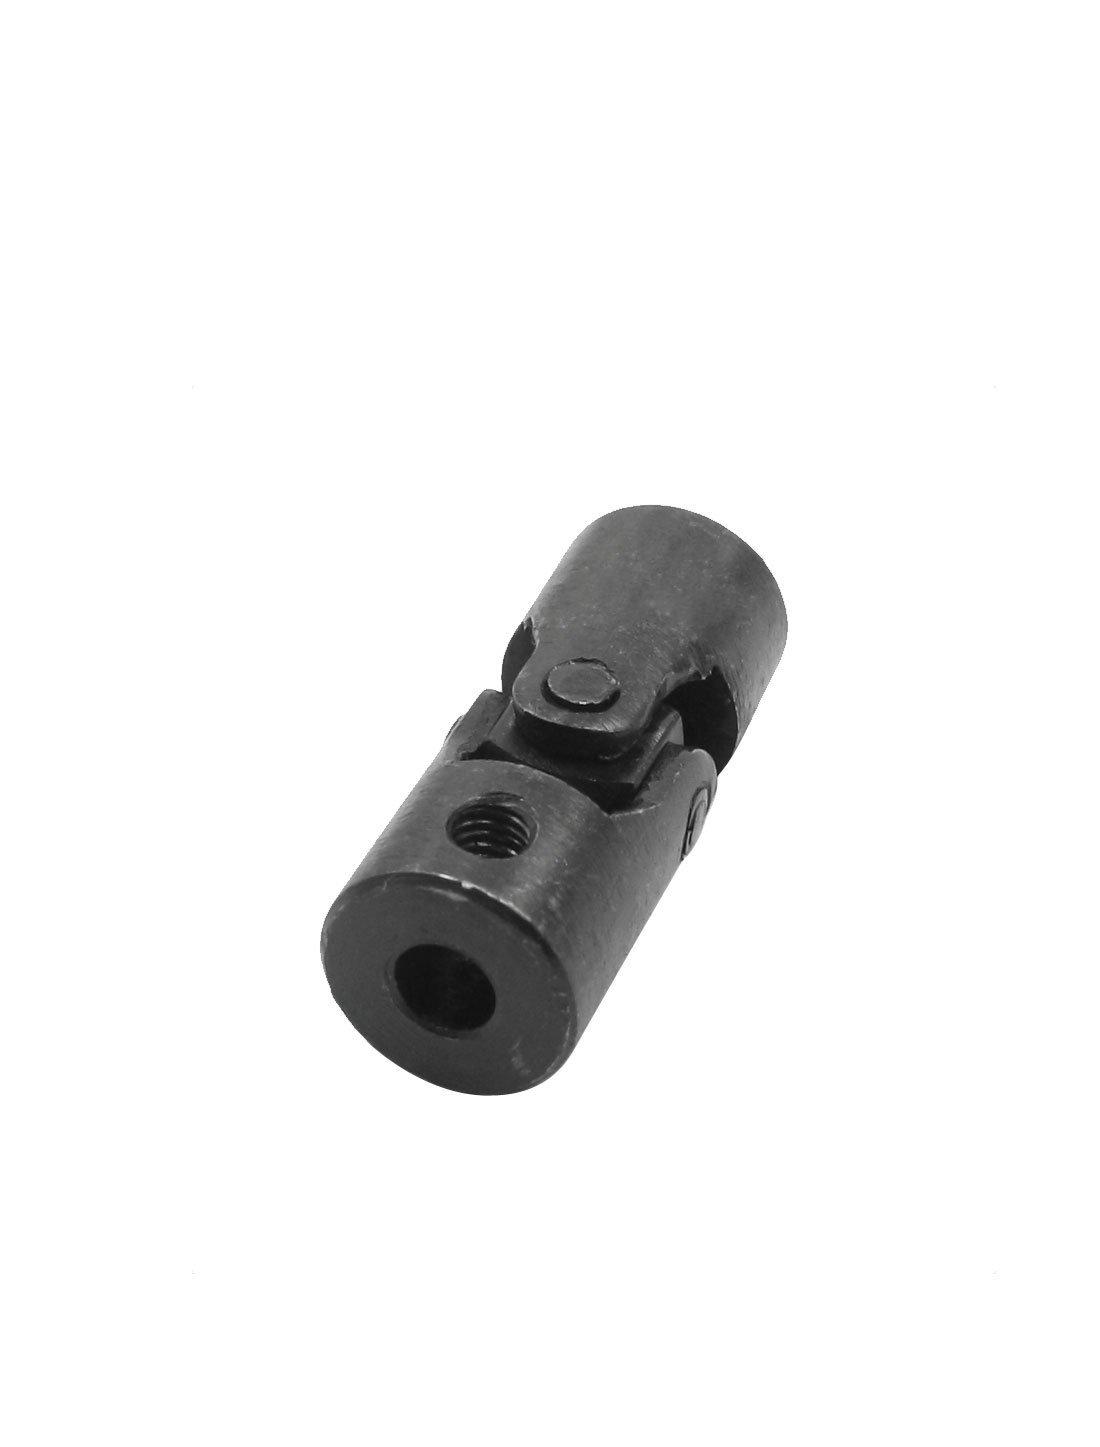 42mm industrielle longue de 6 mm Diam Rotatif Joint universel d'accouplement